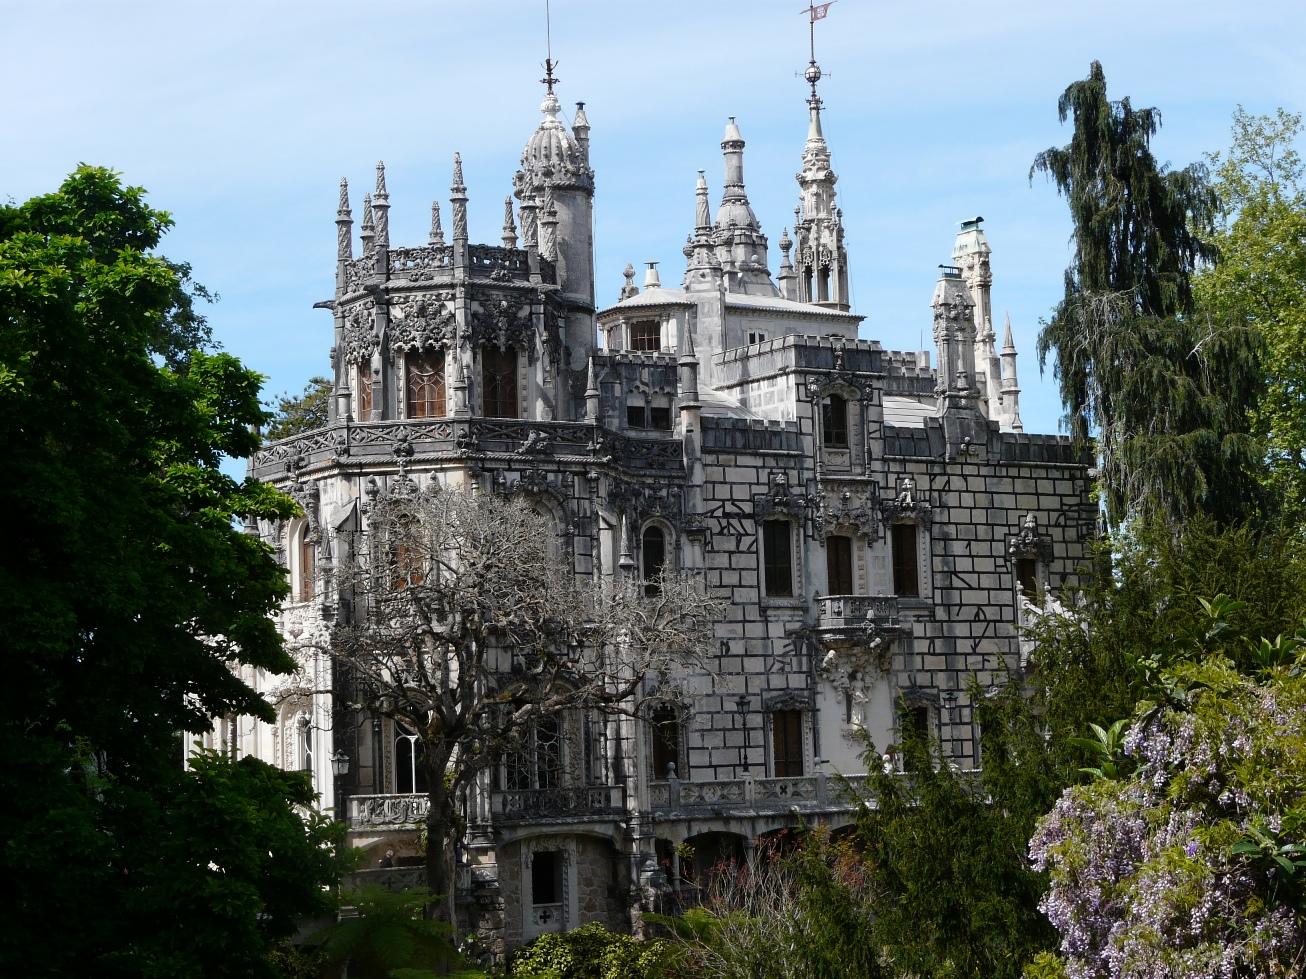 1 Quinta da Regaleira, Sintra, Portugal